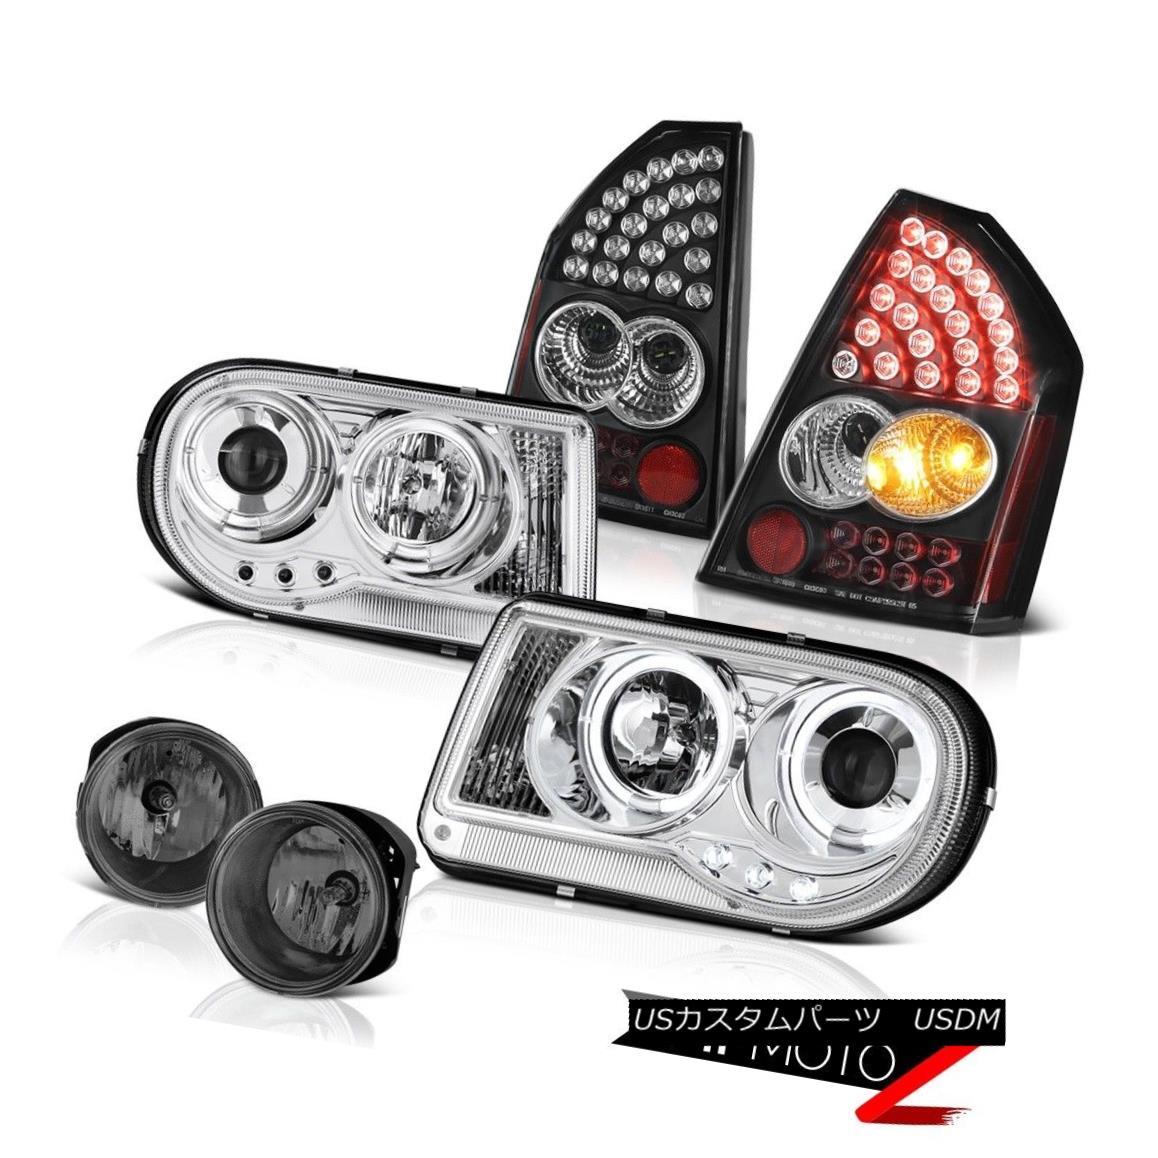 テールライト Euro Halo LED Headlights Brake Tail Lights Tinted Fog 2005-2007 Chrysler 300C ユーロHalo LEDヘッドライトブレーキテールライトティンドドフォグ2005-2007クライスラー300C